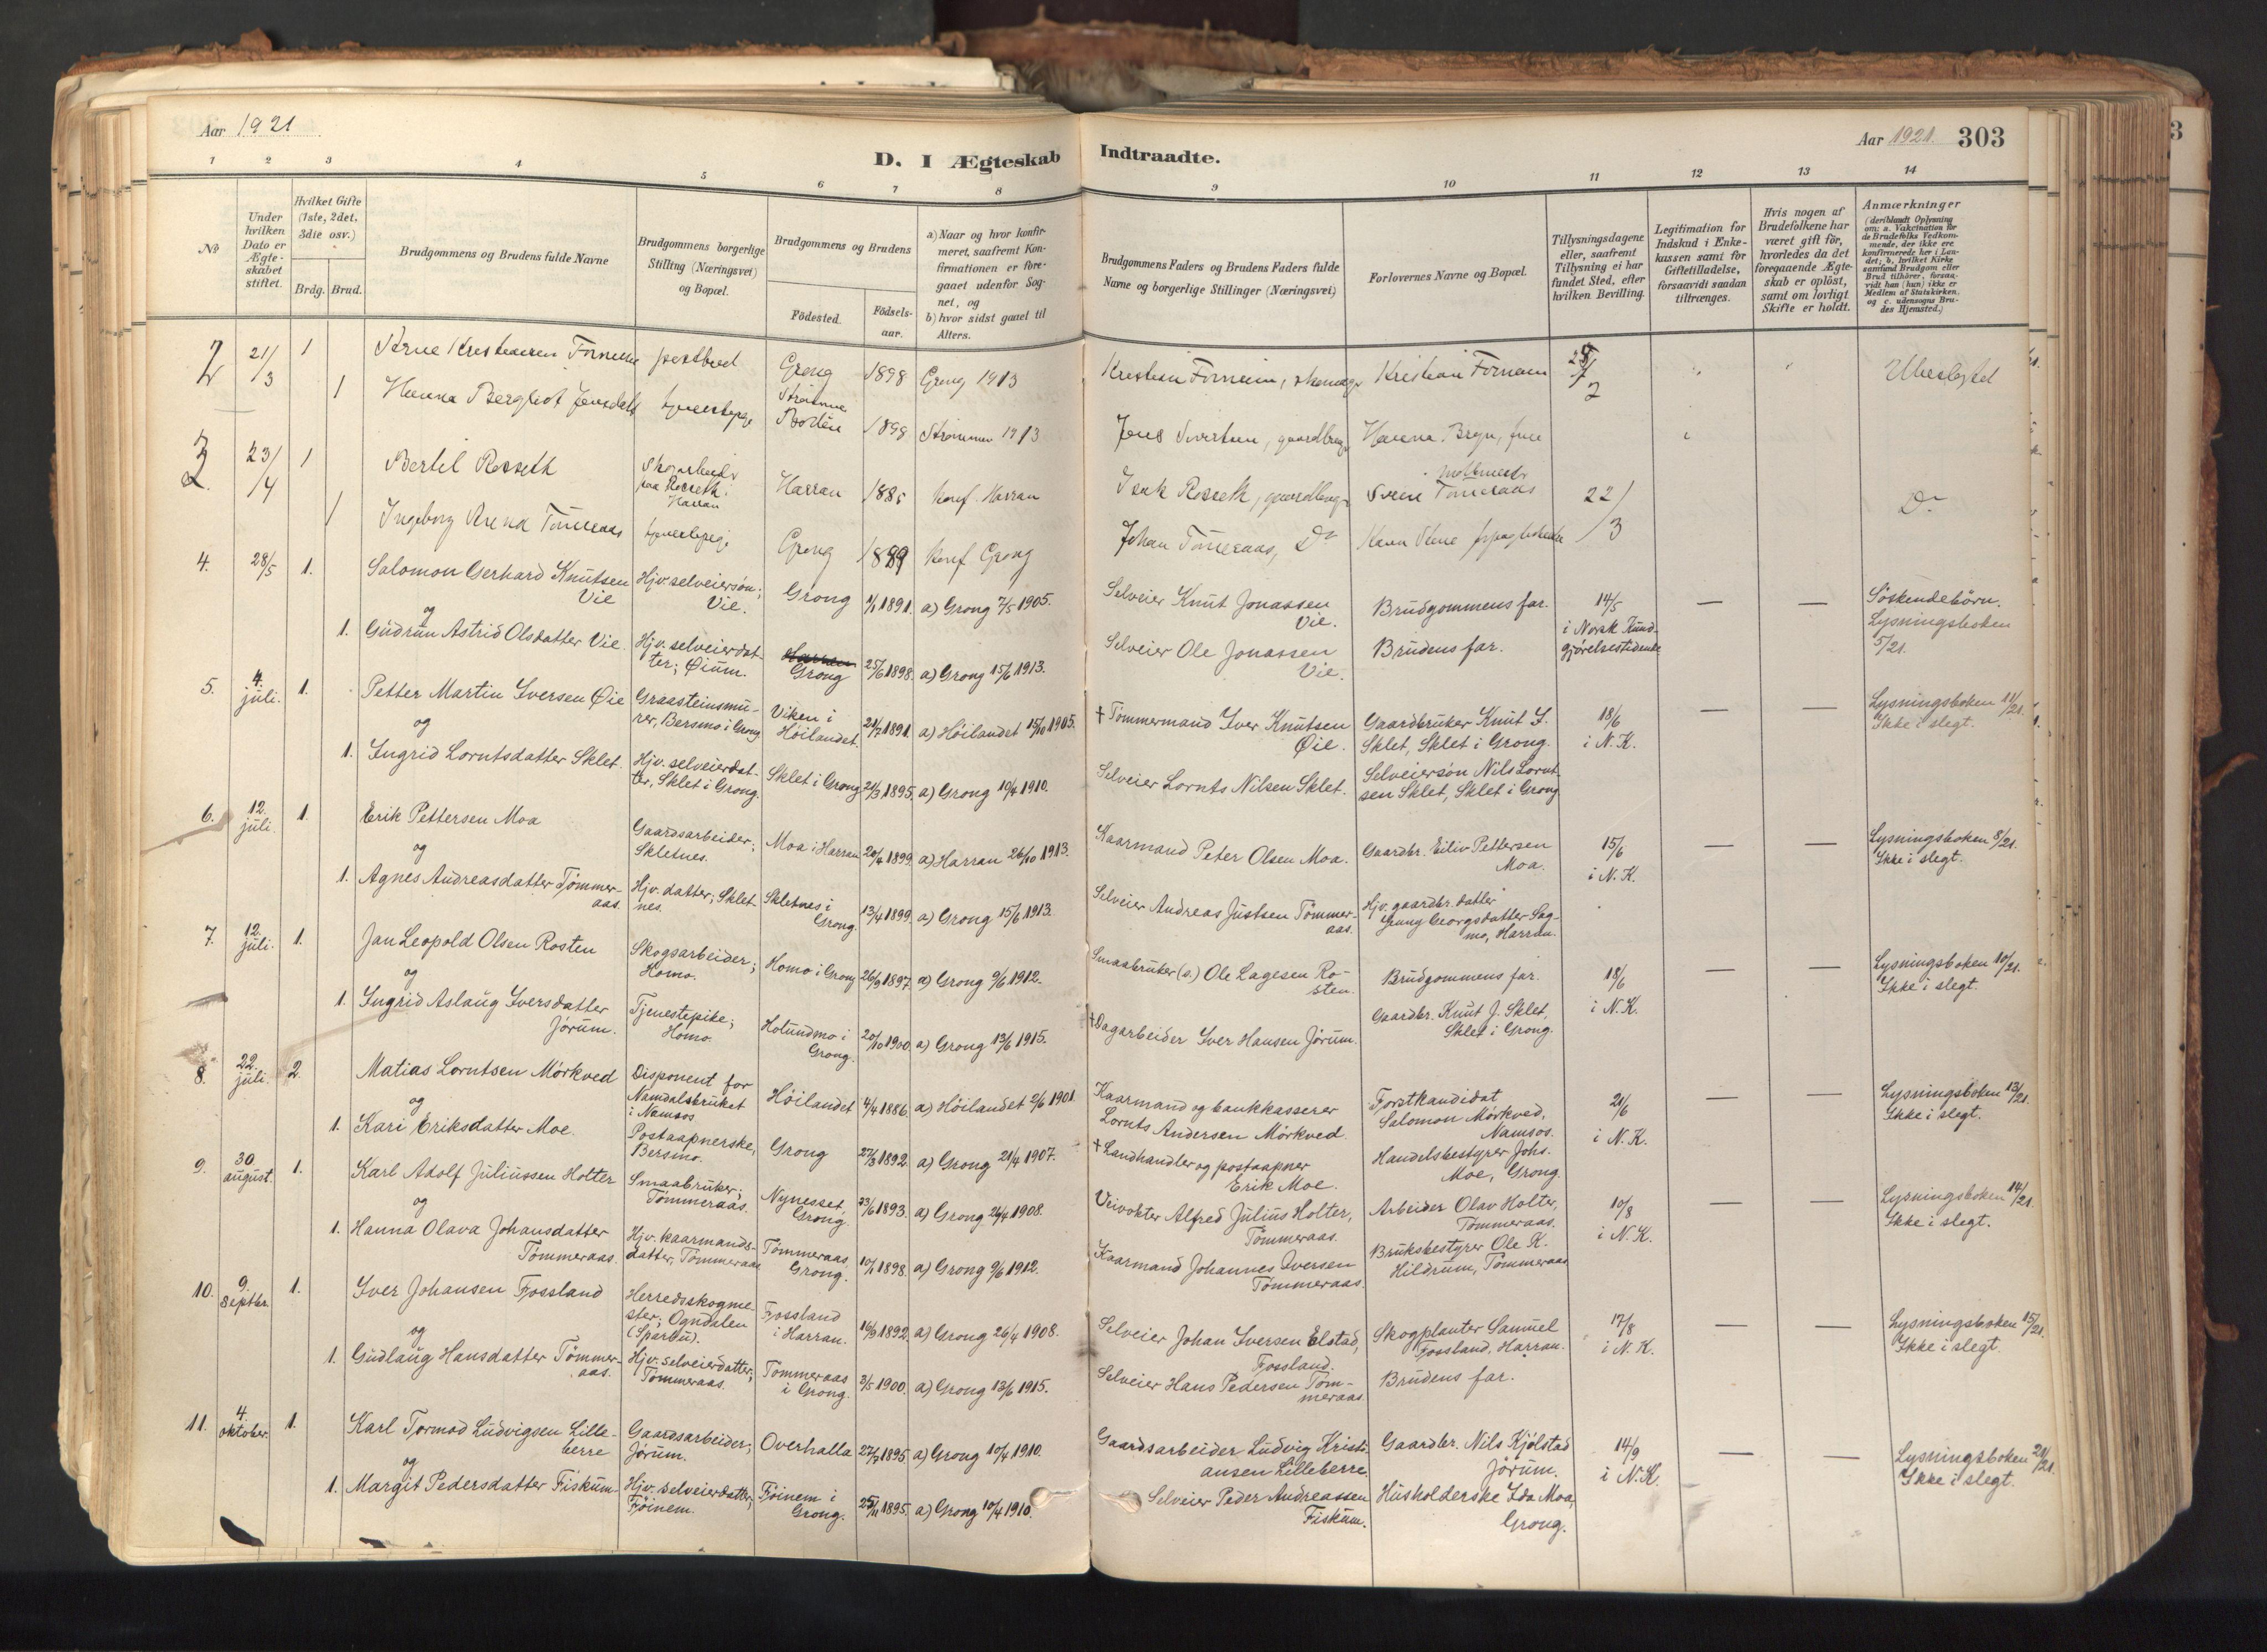 SAT, Ministerialprotokoller, klokkerbøker og fødselsregistre - Nord-Trøndelag, 758/L0519: Ministerialbok nr. 758A04, 1880-1926, s. 303